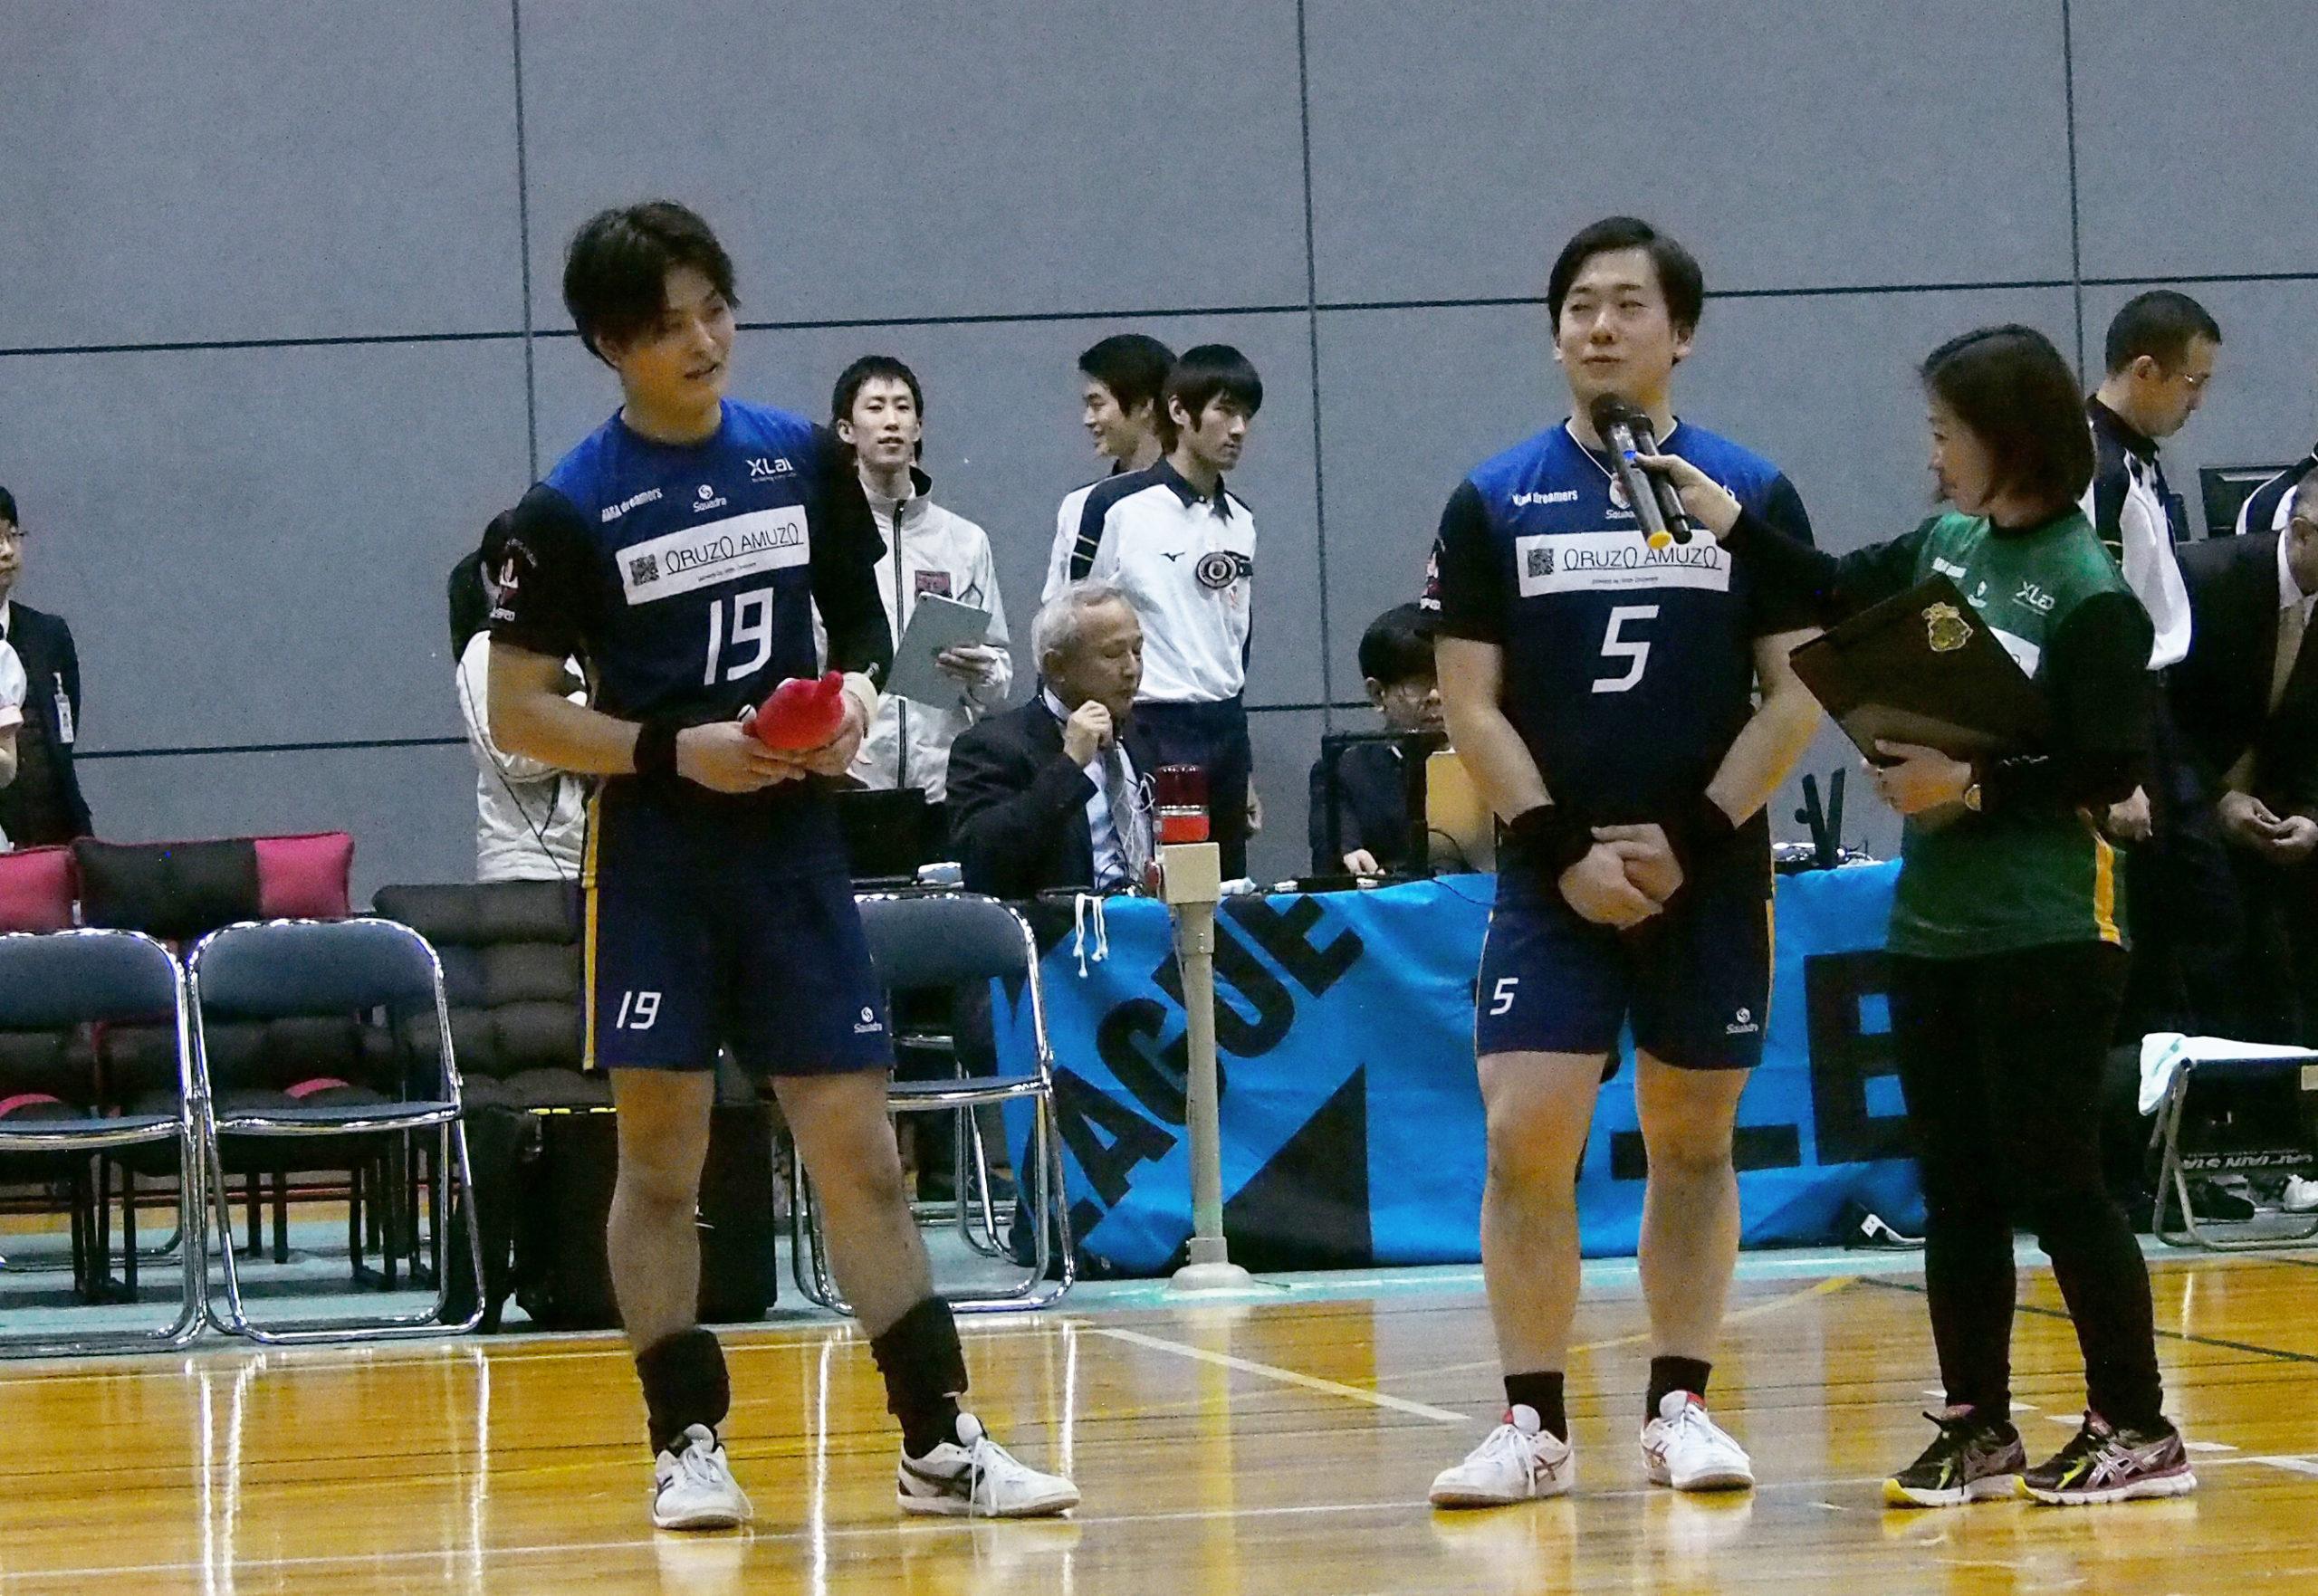 奈良ドリーマーズリベロの選手